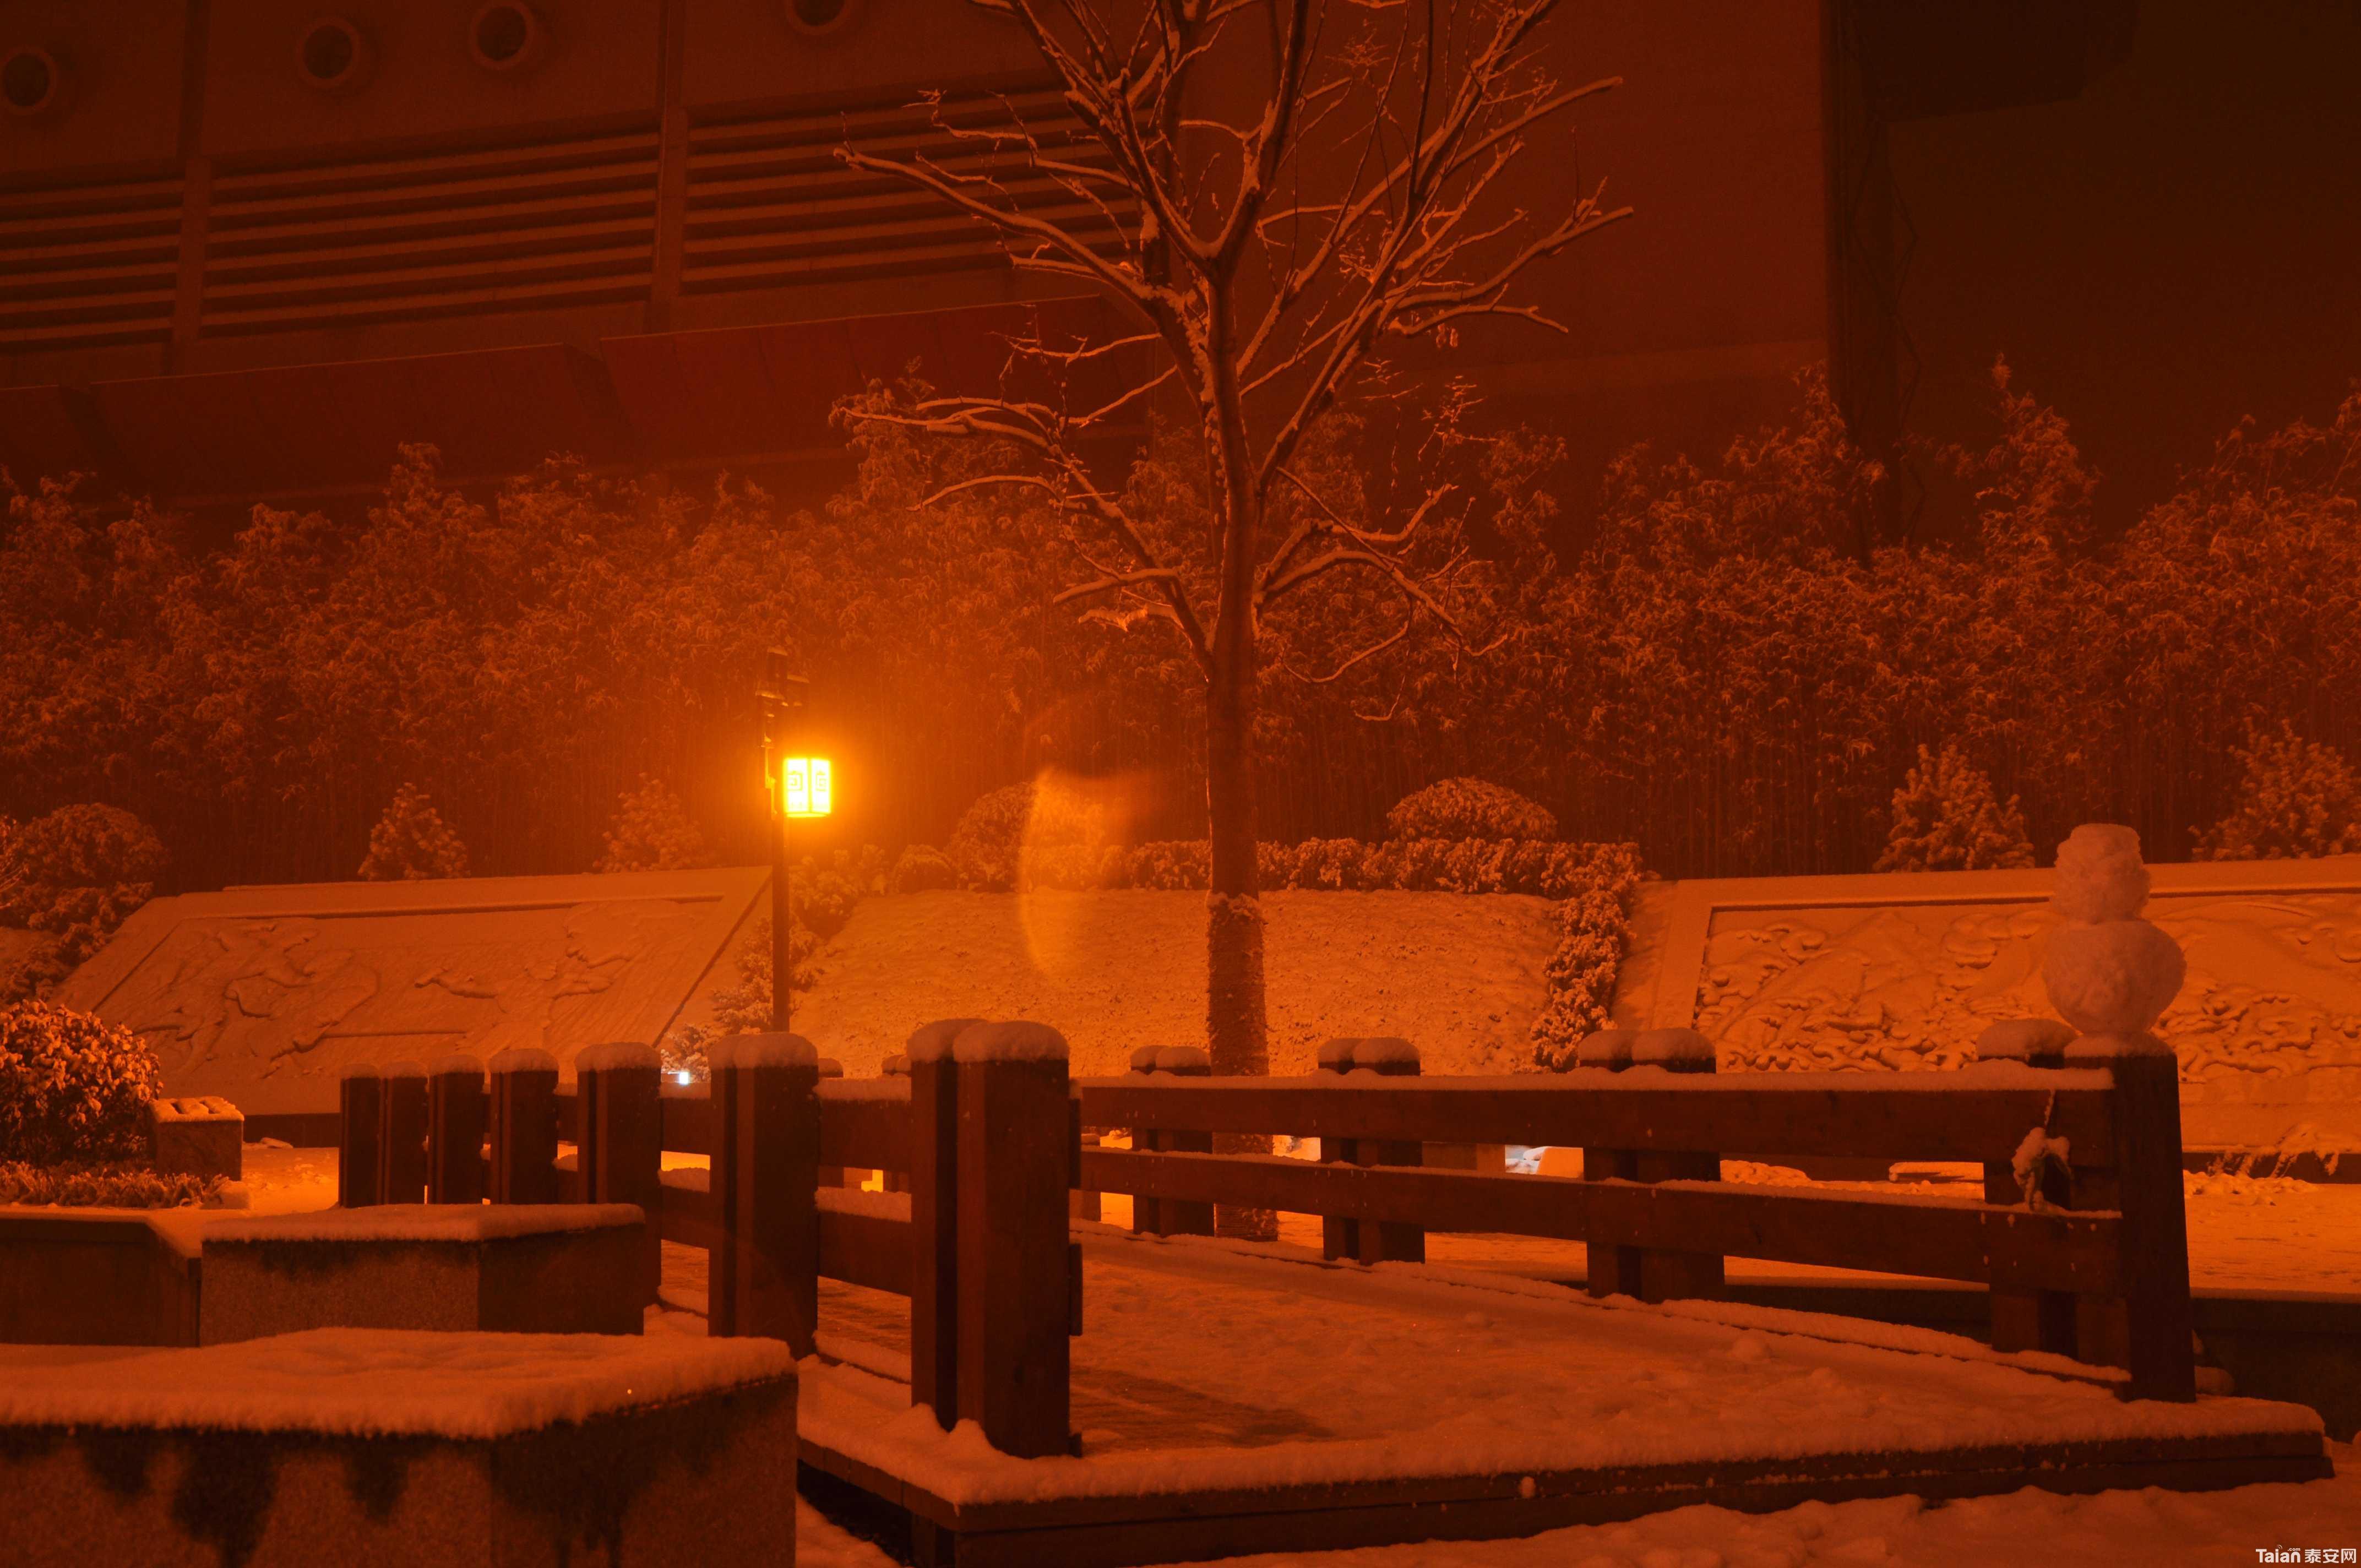 午夜风景图片大全